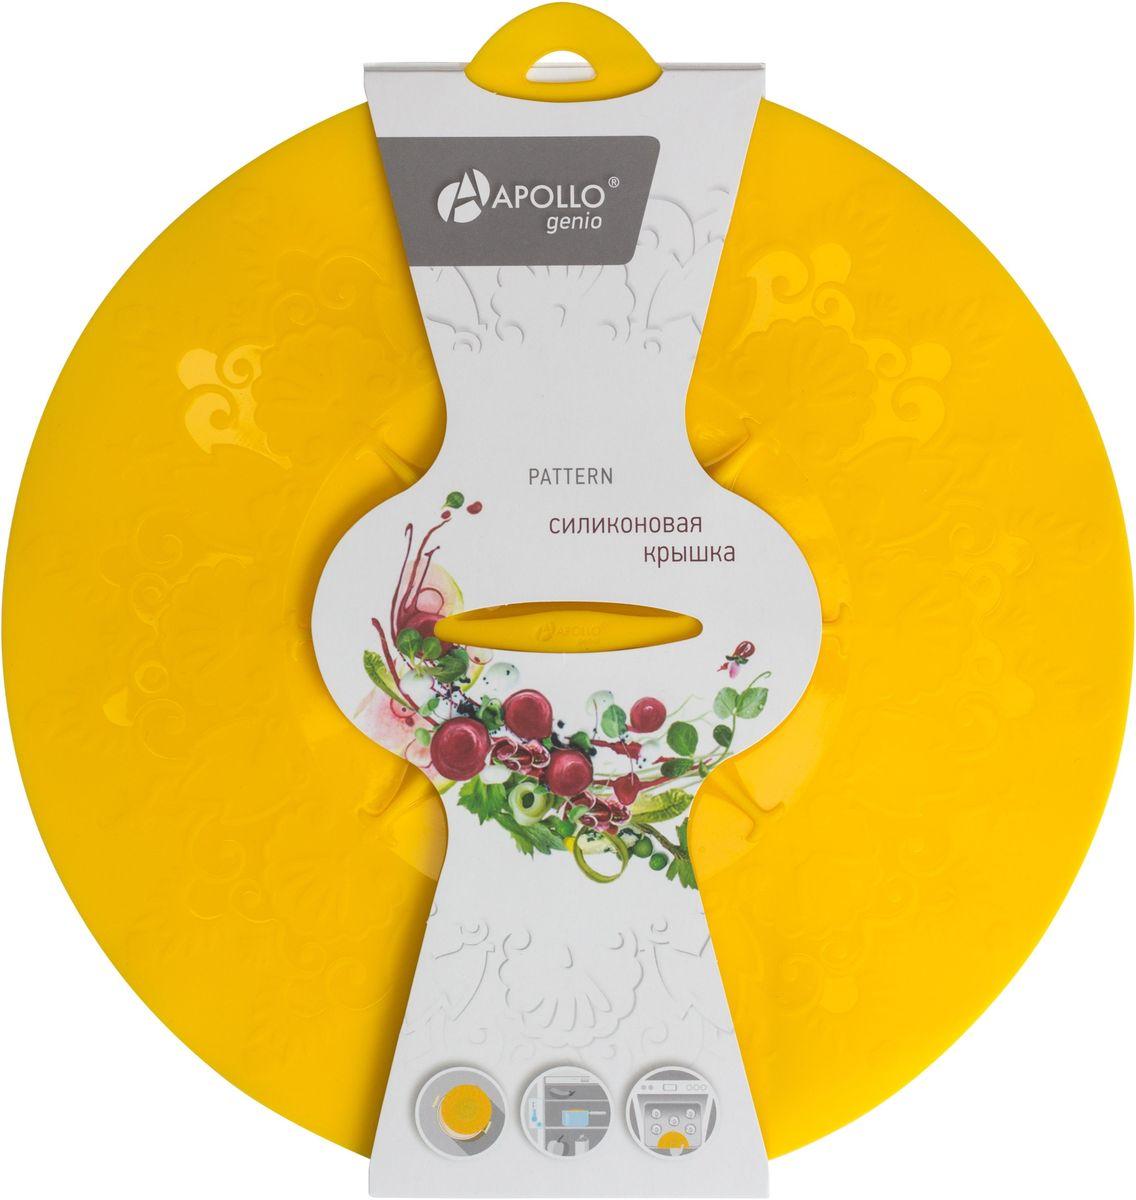 Крышка силиконовая Apollo Genio Pattern, цвет: желтый. Диаметр 26 смPTR-26Крышка Apollo Genio Pattern выполнена из пищевого силикона. Она предназначена для герметичного закрытия любой посуды. Крышка плотно прилегает к краям емкости, ограничивая доступ воздуха внутрь, благодаря этому ваши продукты останутся свежими гораздо дольше. Основные свойства: - выдерживает температуру от -40°С до +240°С, - невозможно разбить, - легко моется, - не деформируется при хранении в свернутом виде, - имеет долгий срок службы, сохраняя свой первоначальный вид, - не выделяет вредных веществ при нагревании или охлаждении, - не впитывает запахи, - не вступает в химическую реакцию с продуктами, - подходит для использования в духовом шкафу и микроволновой печи без использования режима Гриль, морозильной камере и для мытья в посудомоечной машине. Не использовать абразивные моющие средства и острые предметы. Рекомендуется ручная мойка.